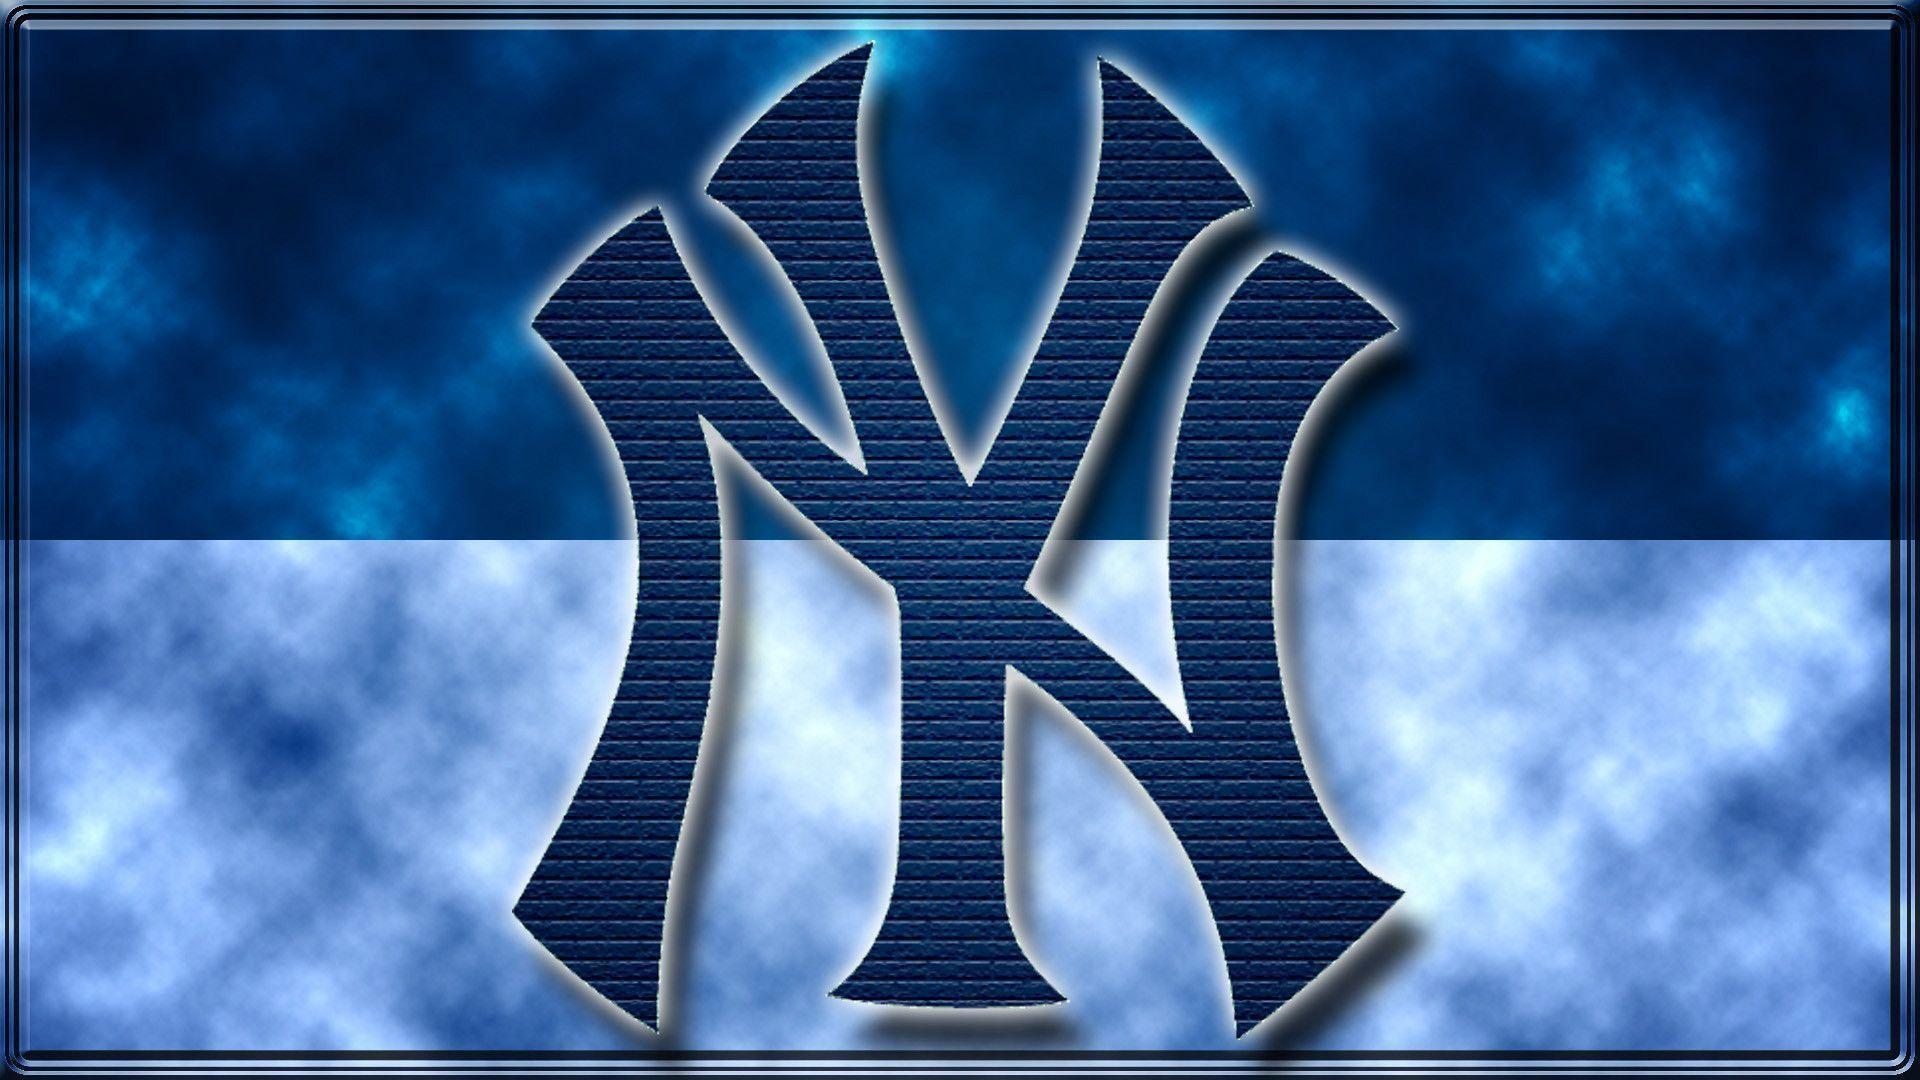 New york yankees logo wallpaper ny biocorpaavc